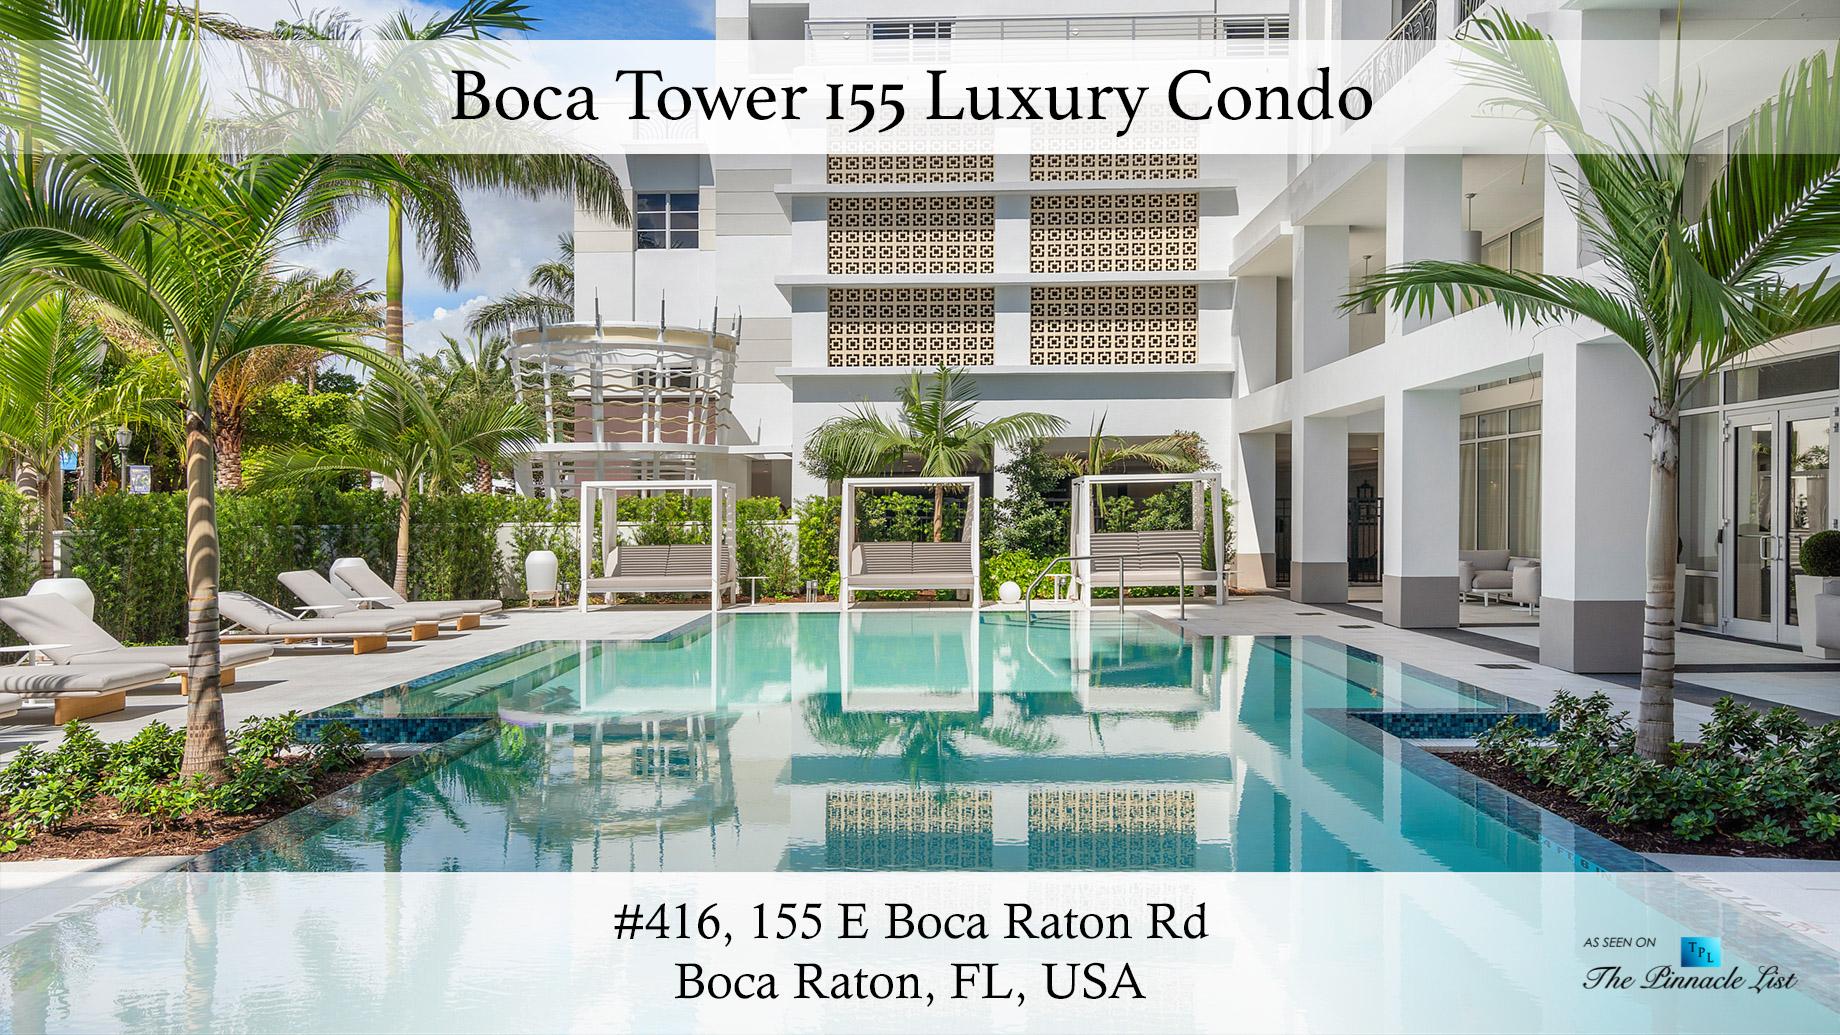 Boca Tower 155 Luxury Condo - Unit 416, 155 E Boca Raton Rd, Boca Raton, FL, USA